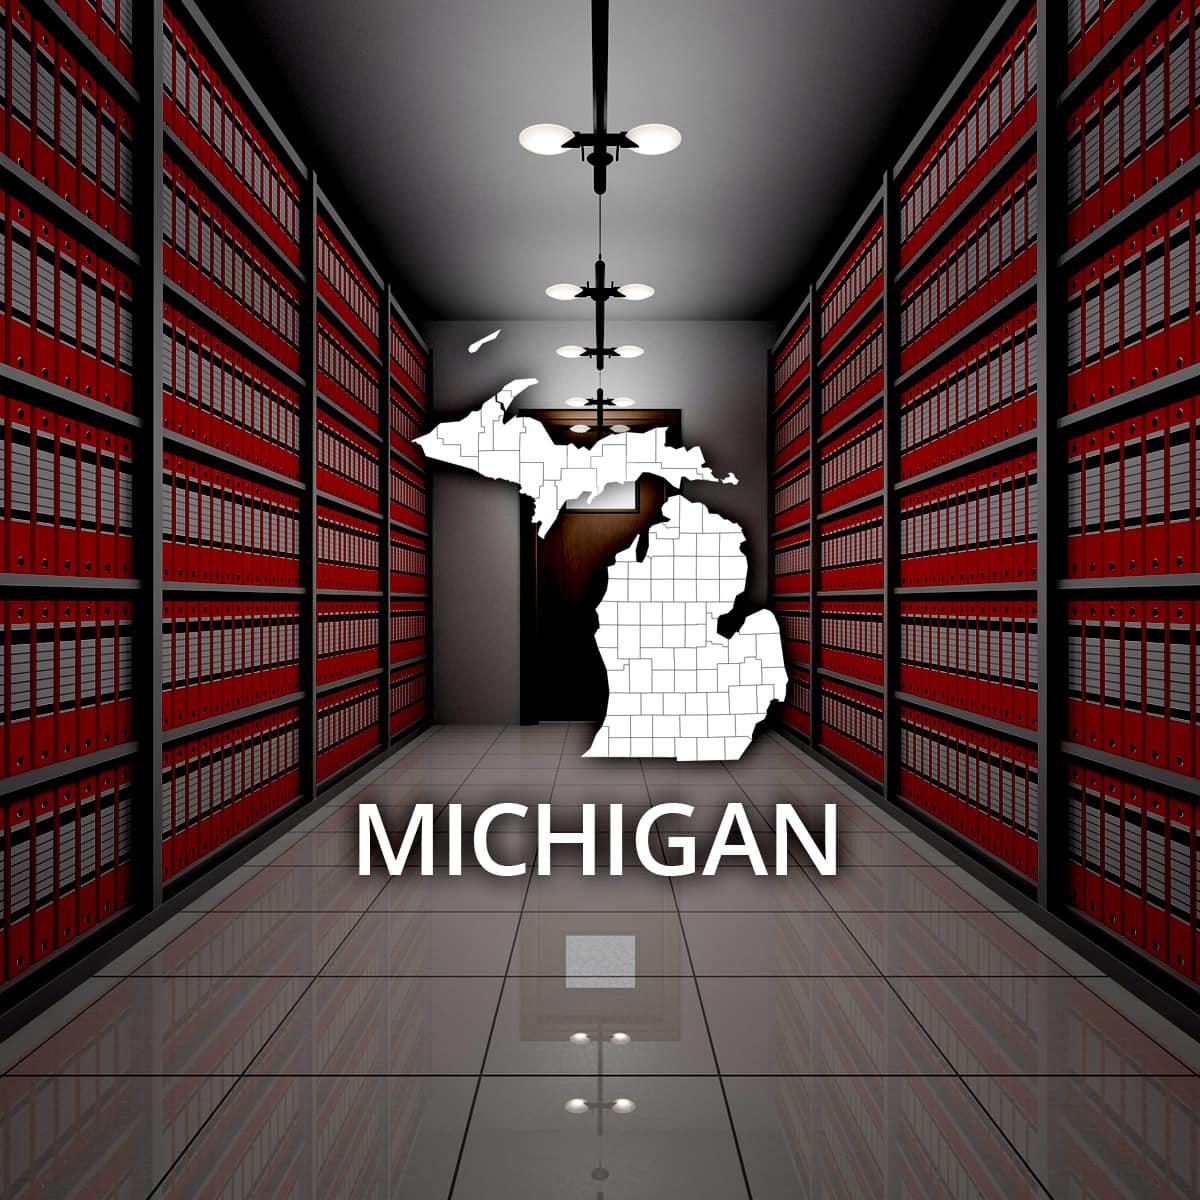 Michigan Public Records